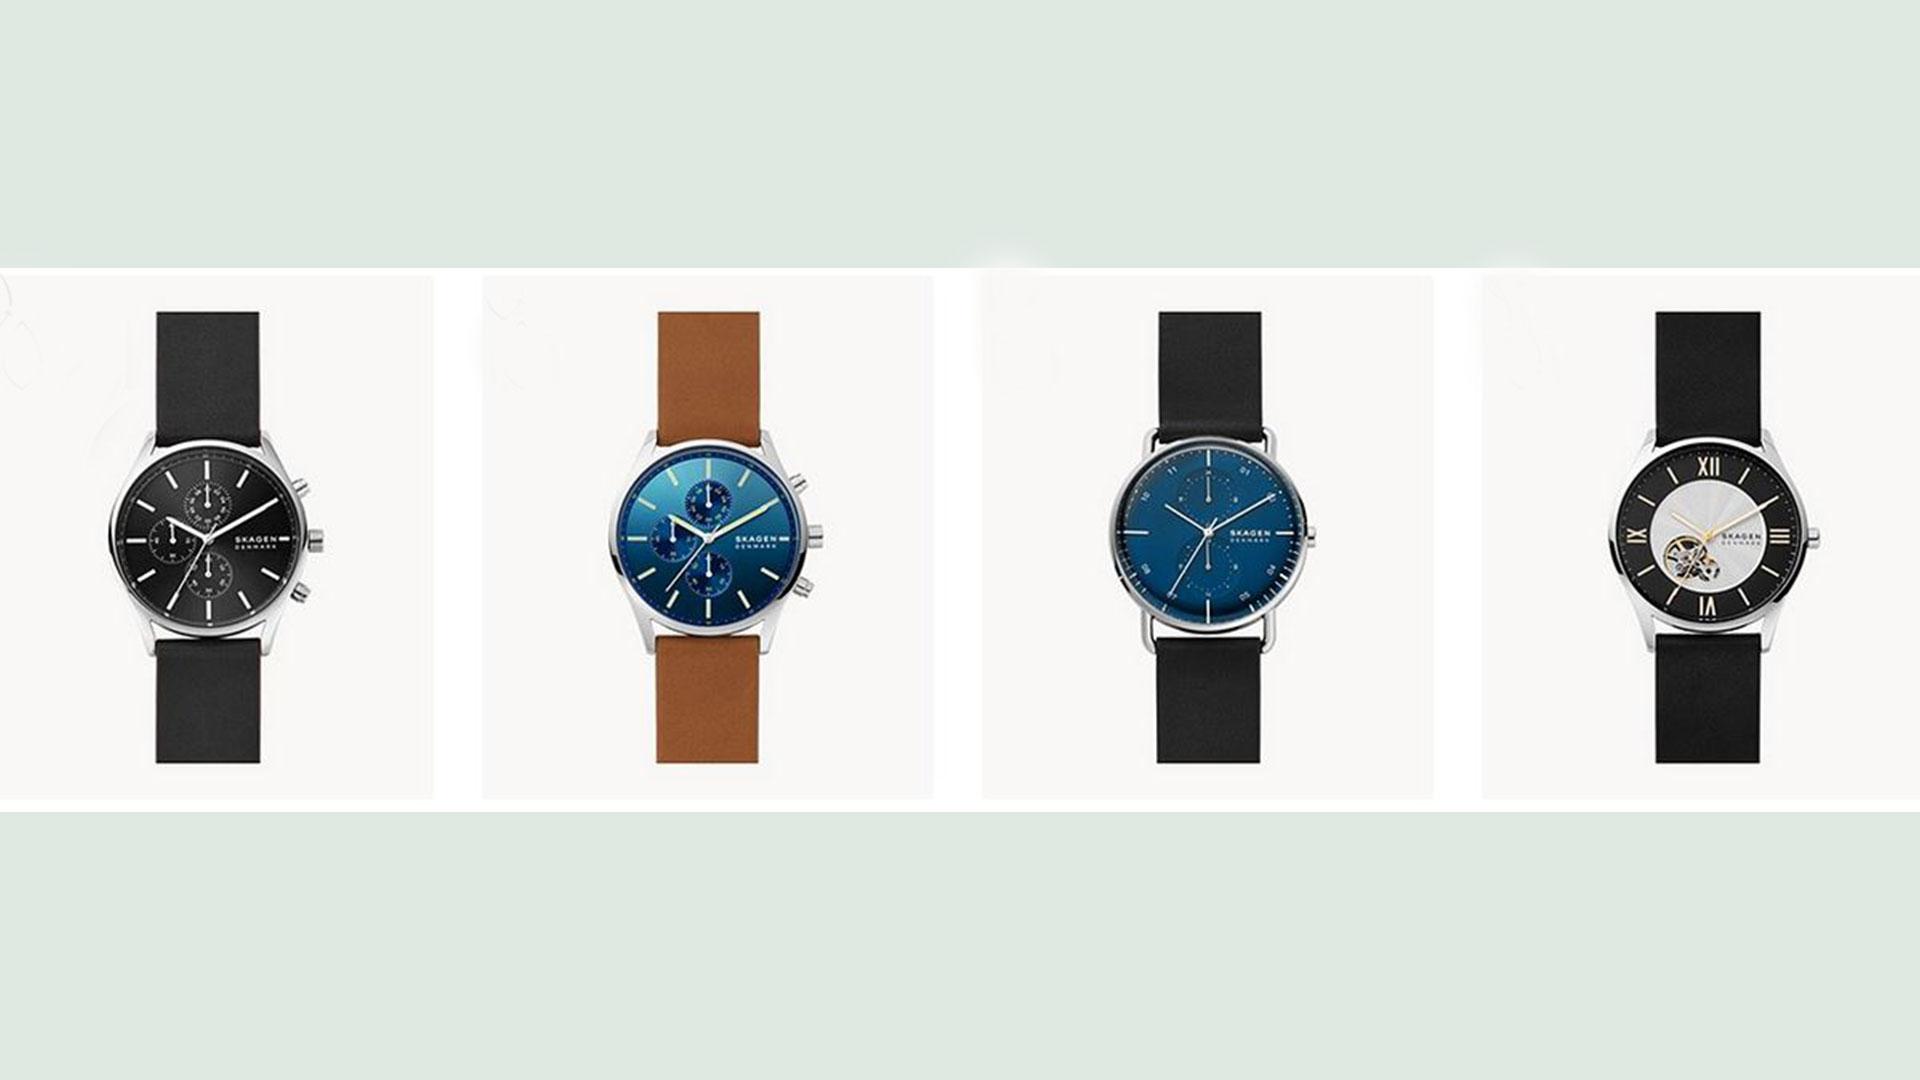 【メンズ時計】スカーゲンの評判&年齢層は?安く買う方法はある?